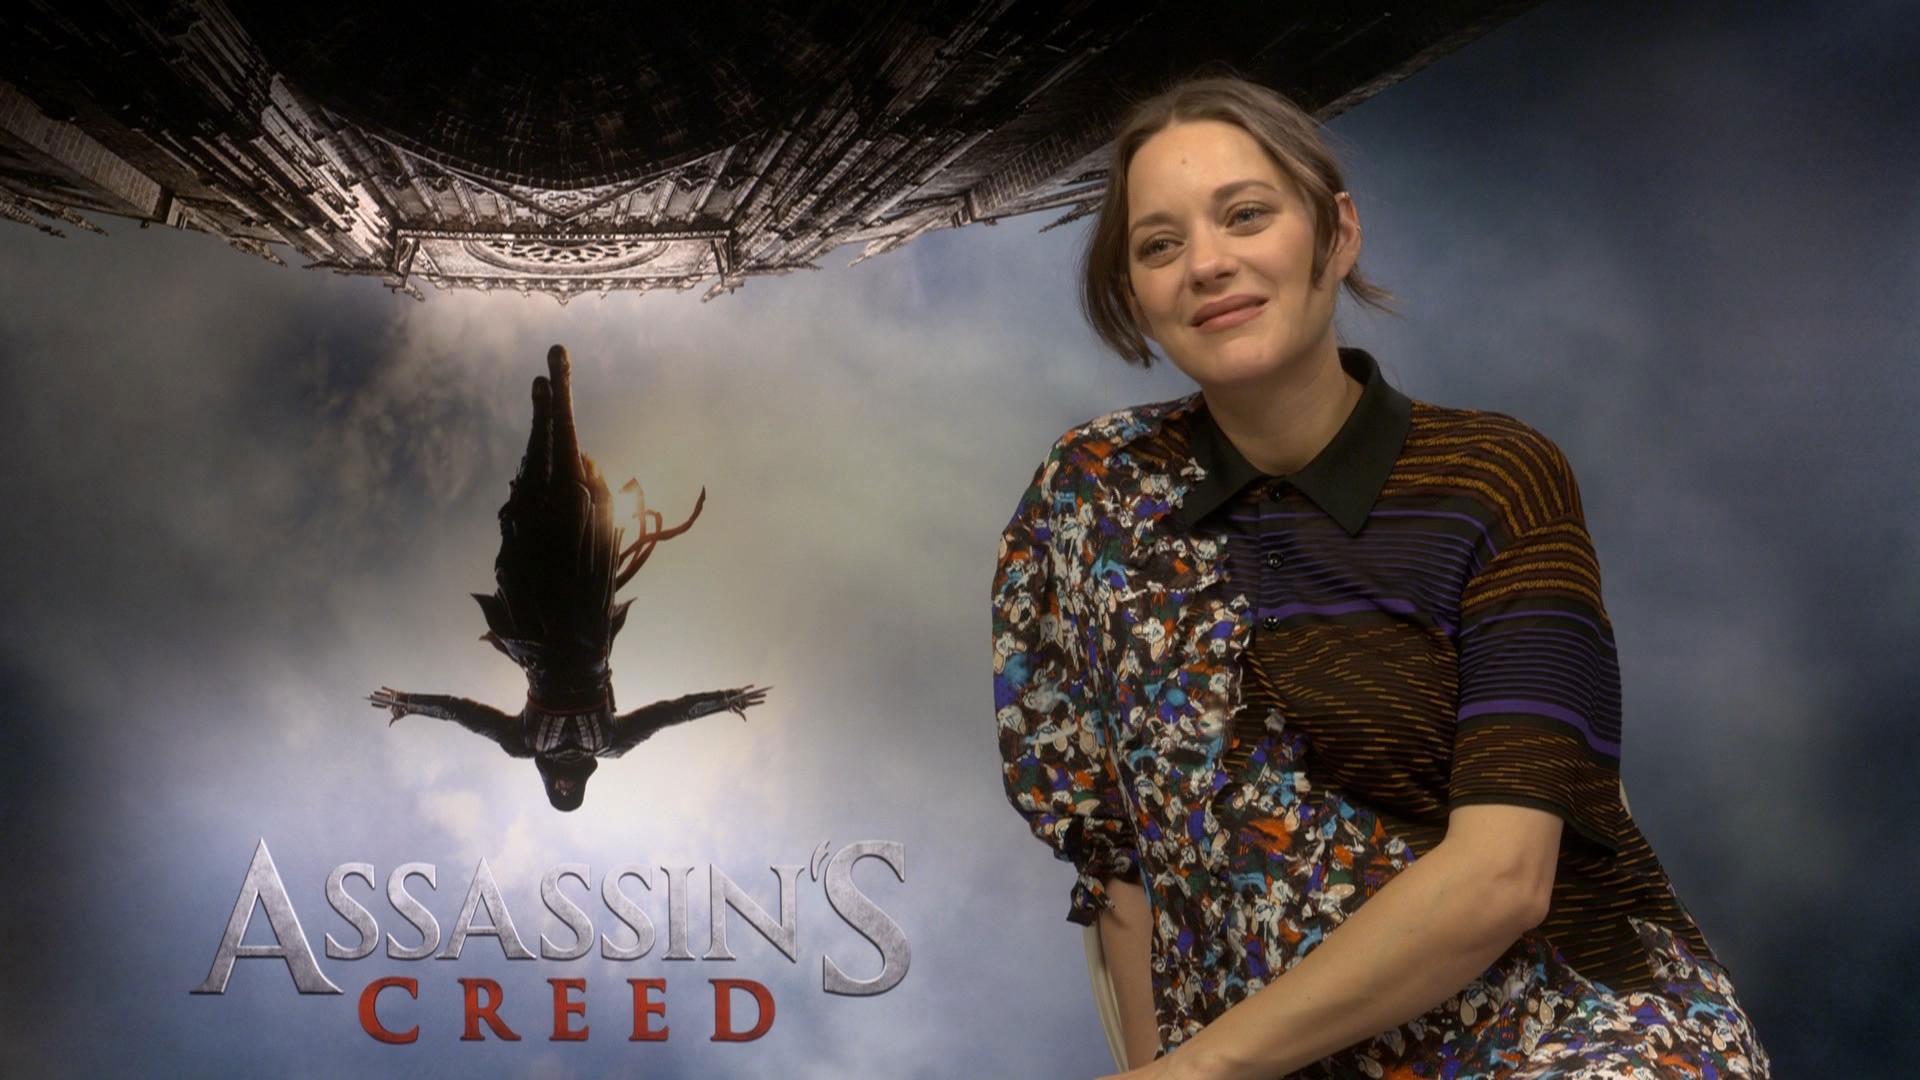 Marion Cotillard hadde ikke spilt noen av Assassins Creed-spillene før hun ble med i filmen. (Foto: NRK)